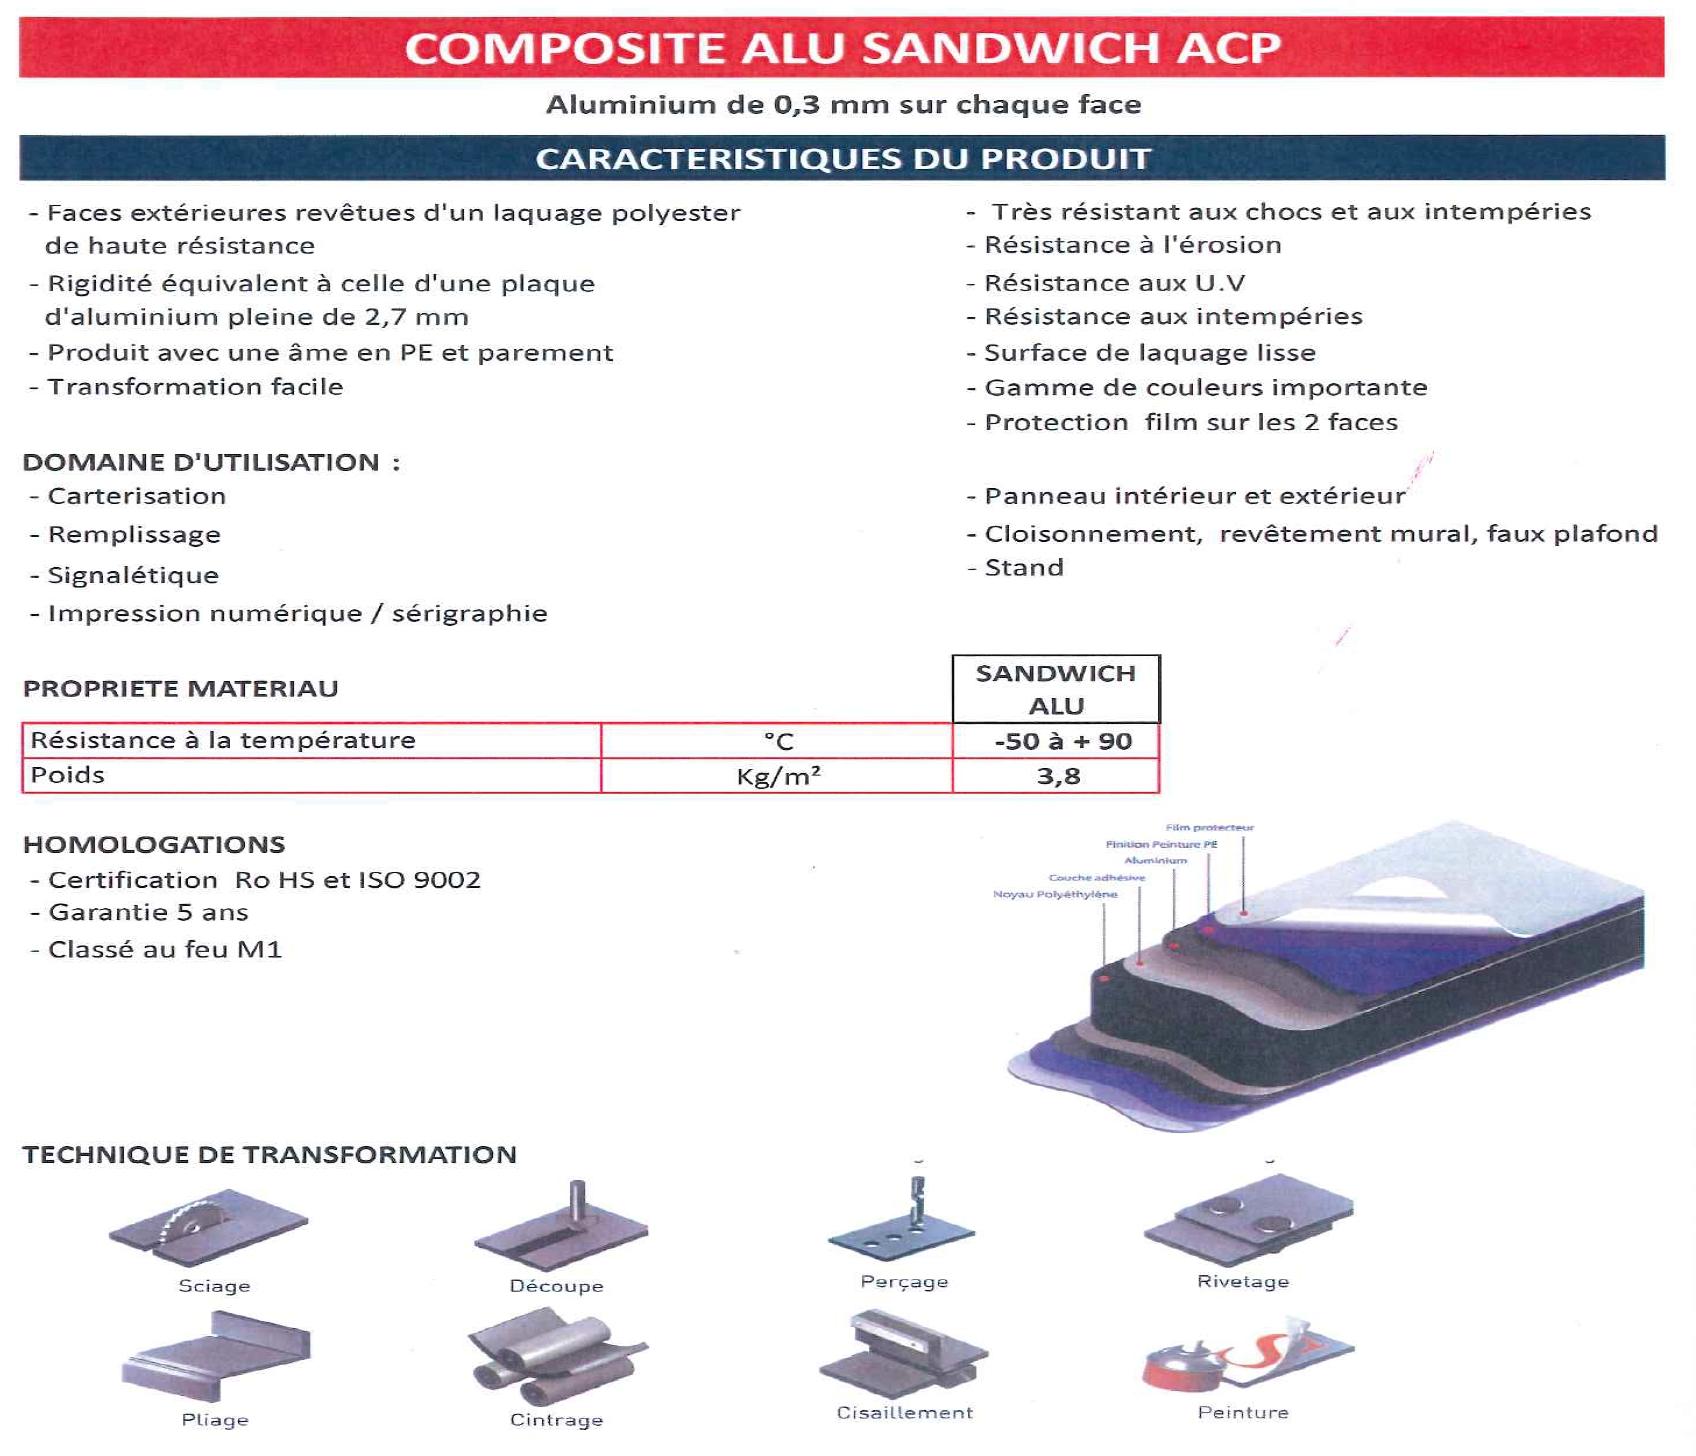 11. Composite Alu Sandwich